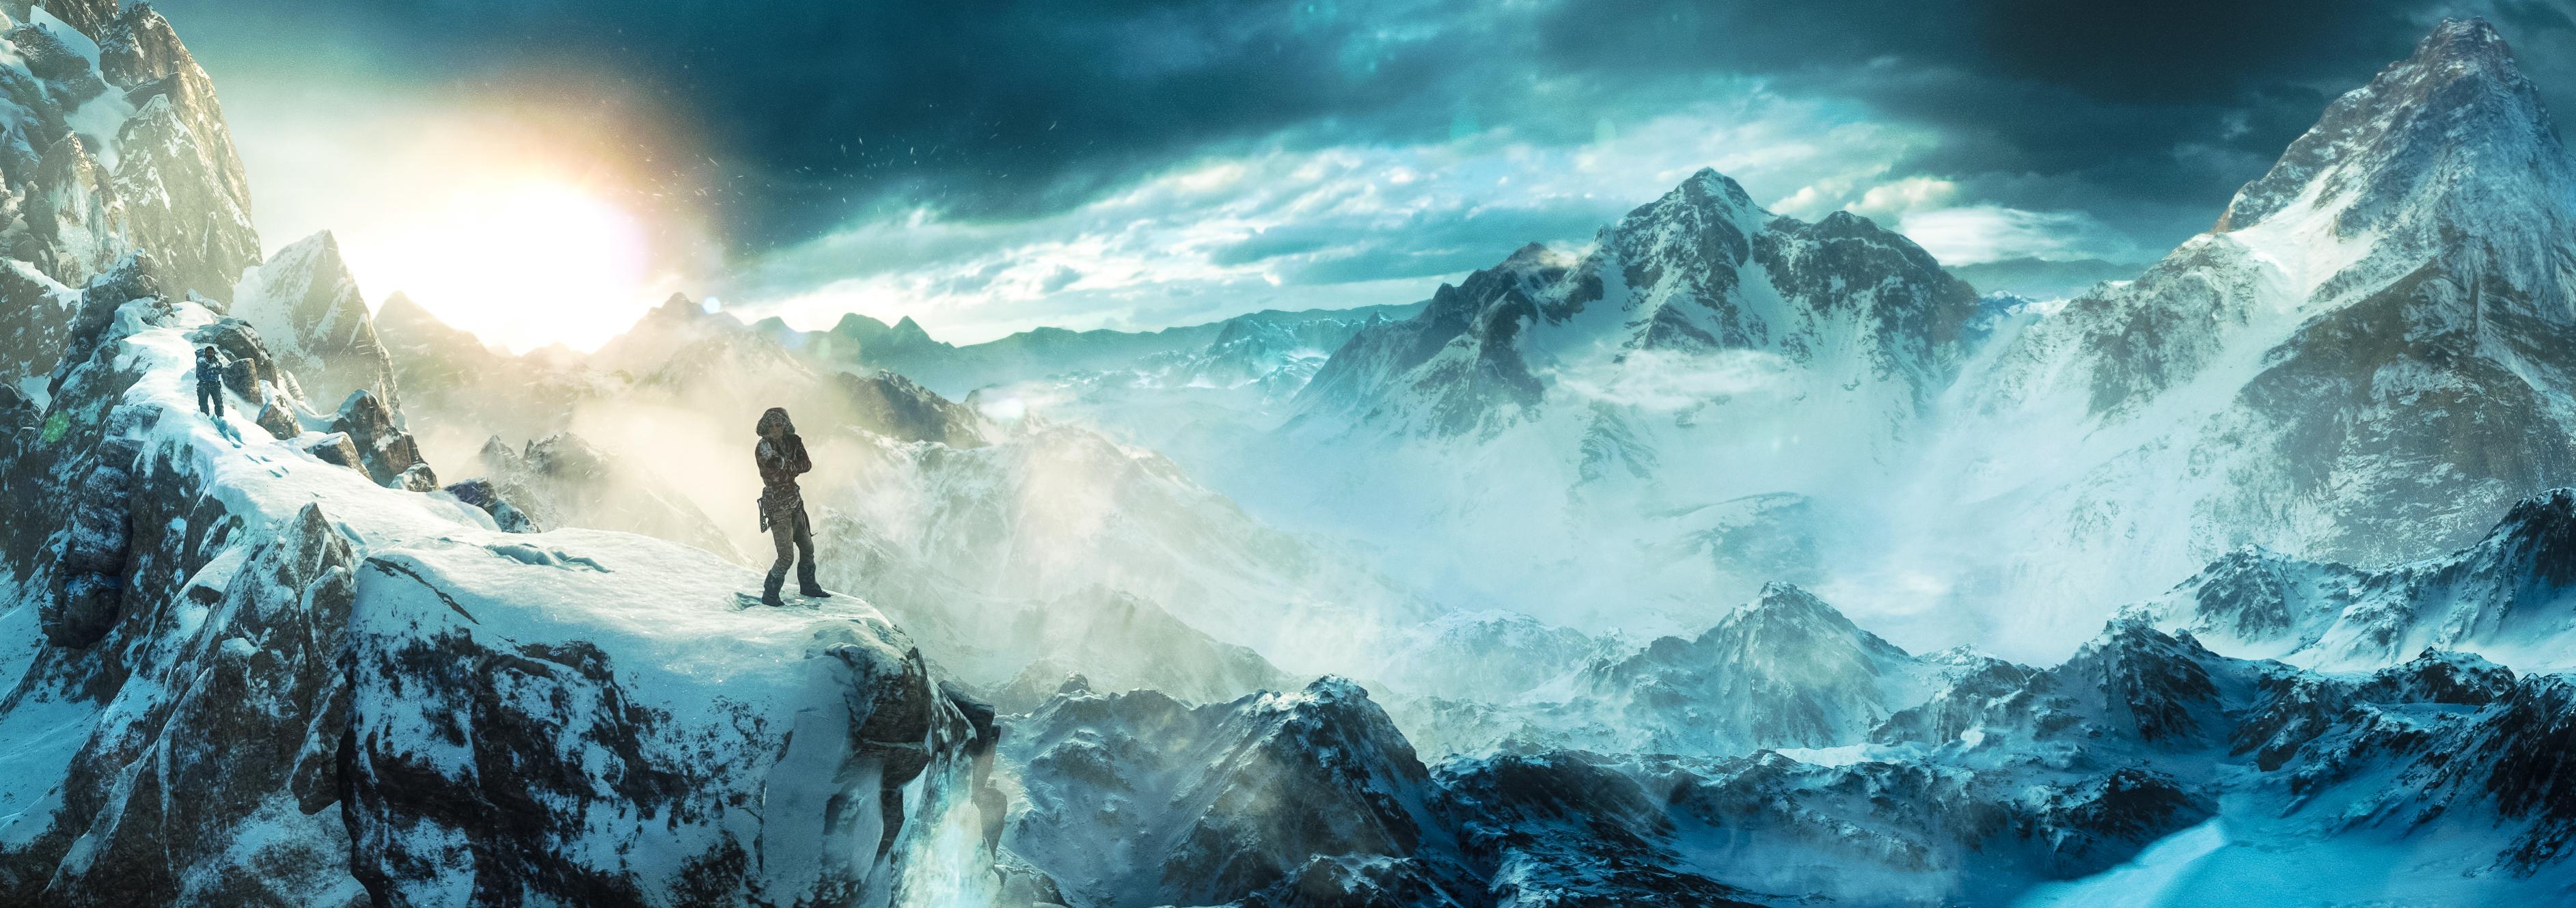 Sfondi Montagne Acqua Roccia Natura Cielo La Neve Terra